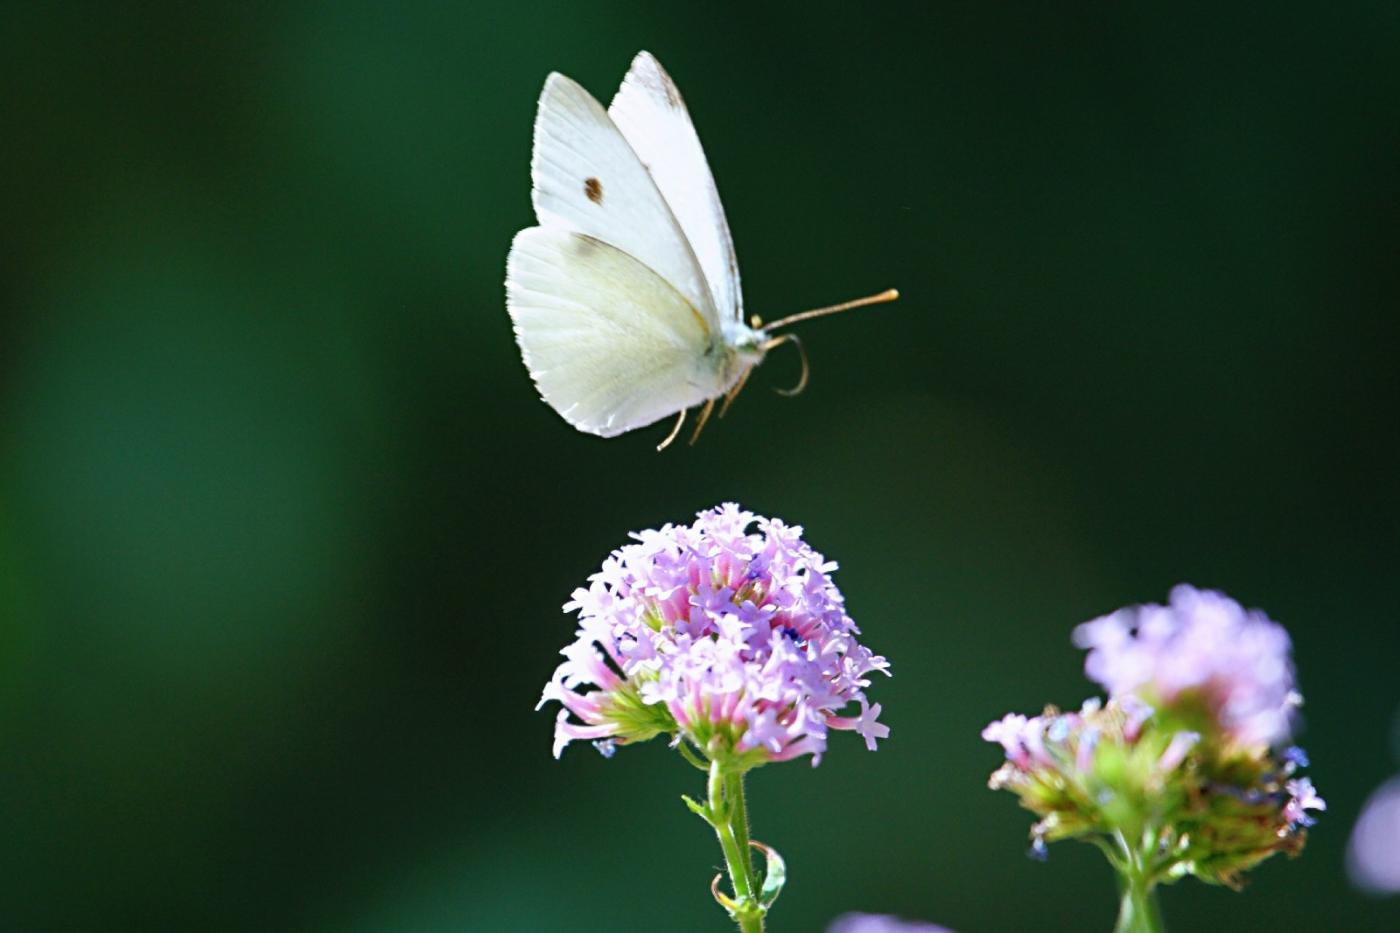 【田螺随拍】我种了马鞭草蝴蝶就来了_图1-6